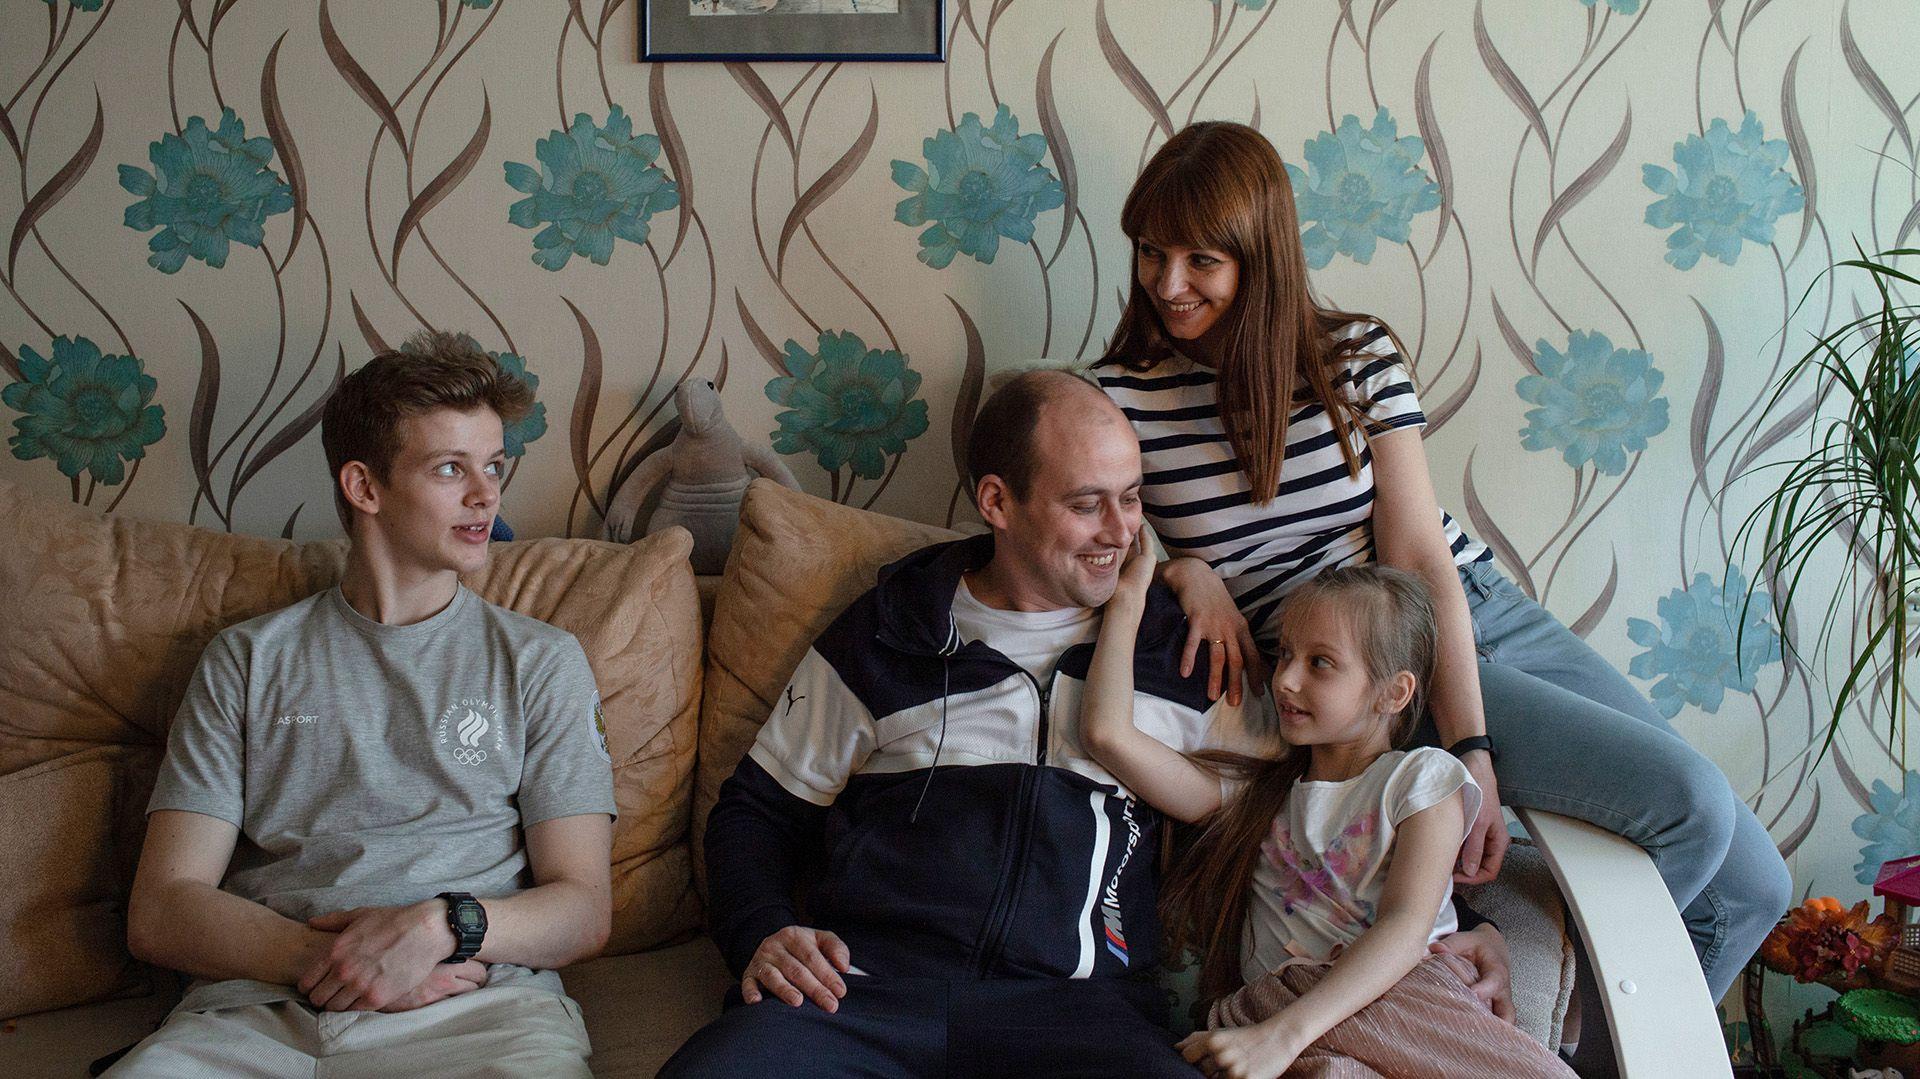 La familia Chernyshev: Sergei hijo, Sergei padre, Anastasia y Oksana (Emile Ducke/The New York Times)